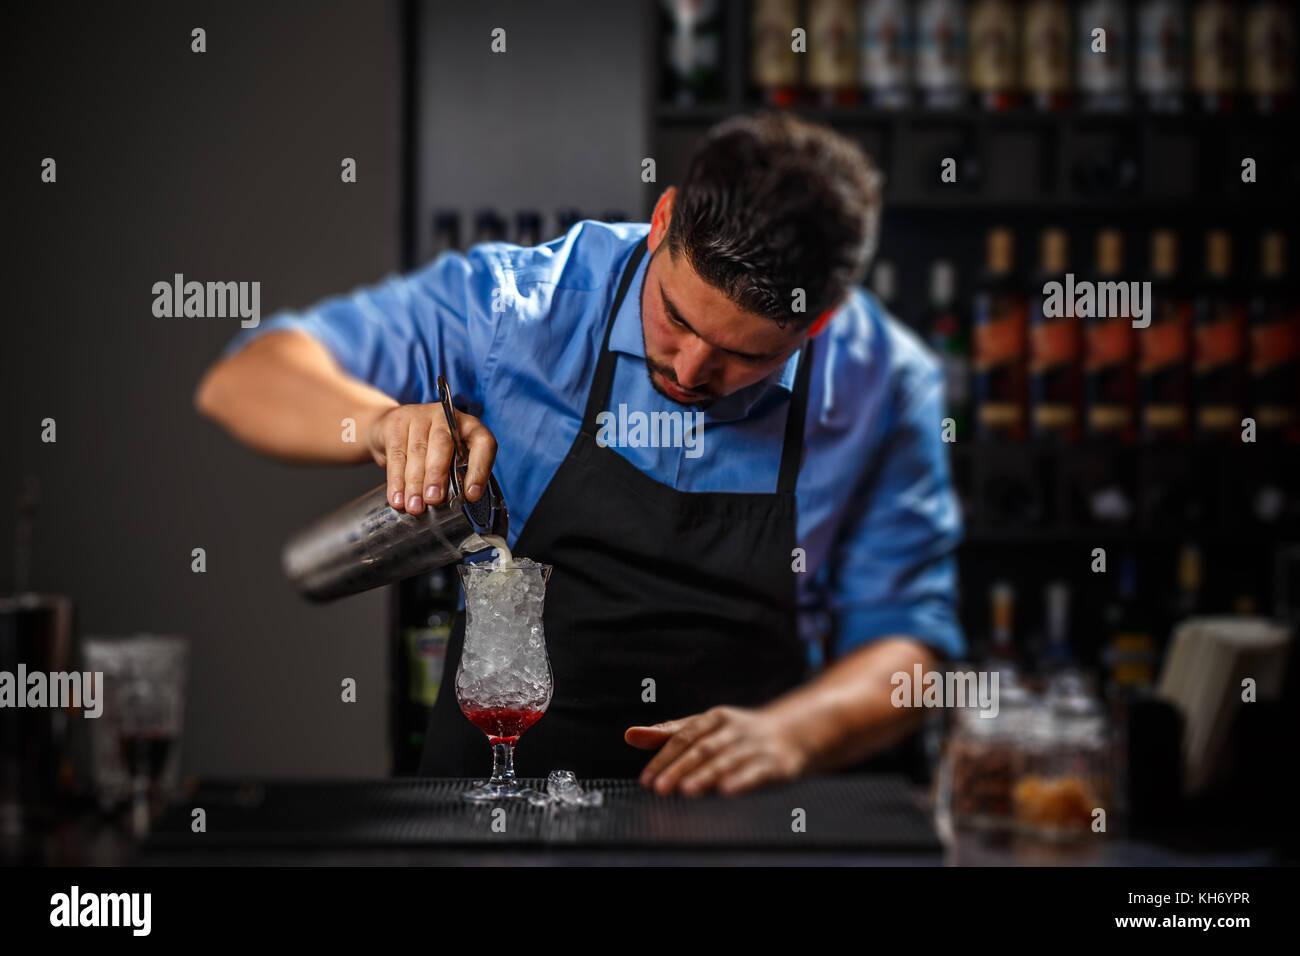 Barman, verter en el vaso de cóctel fresco Imagen De Stock